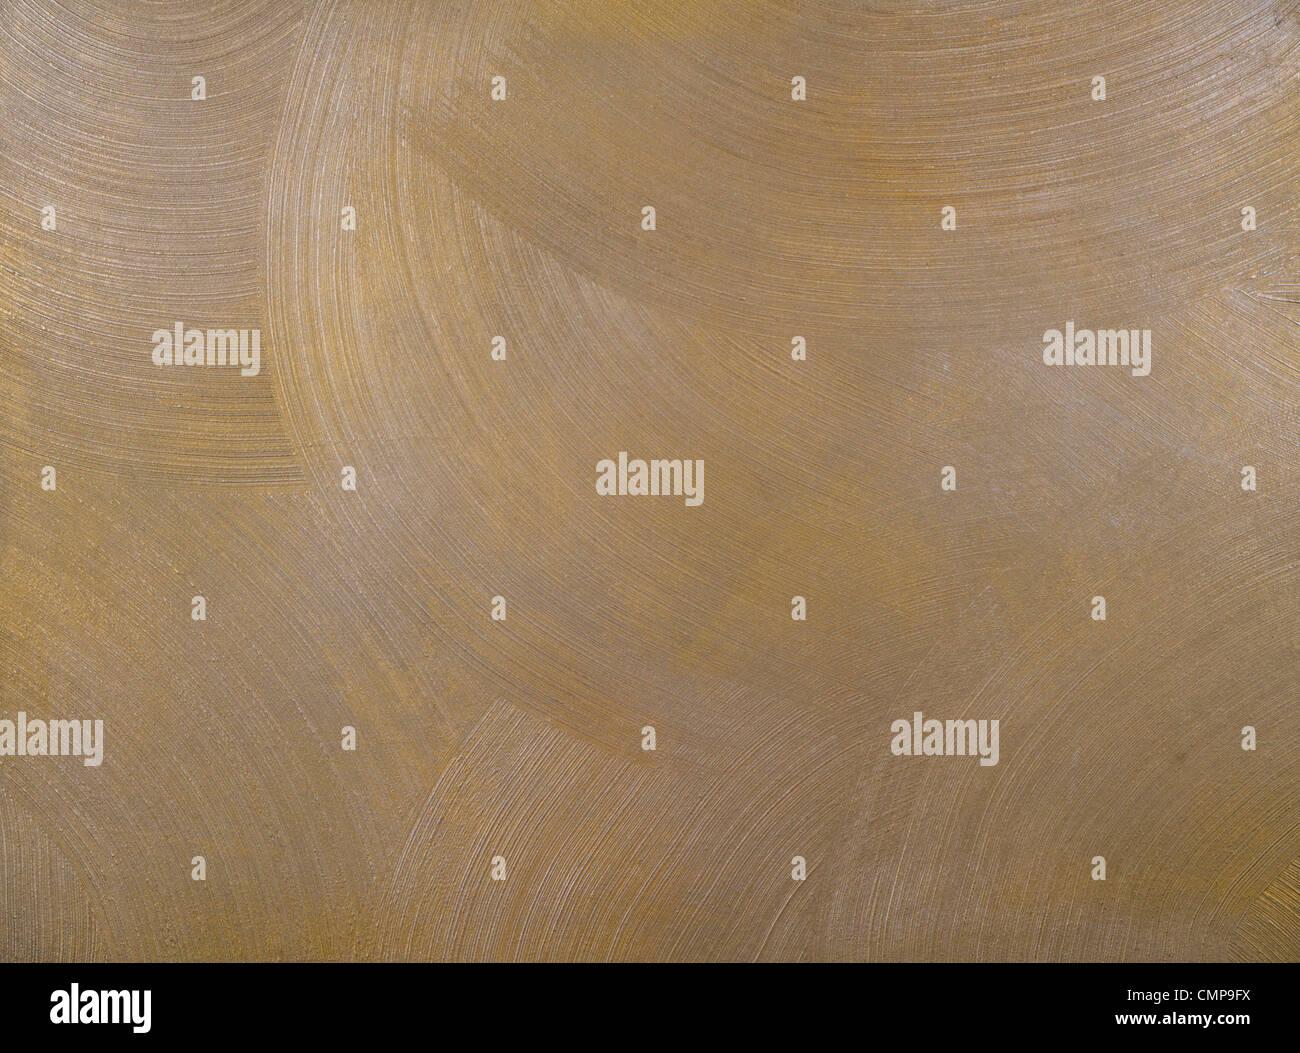 La texture d'un mur de ciment recouvert de peinture métal, avec de fréquentes, ronde, centric coups. Photo Stock